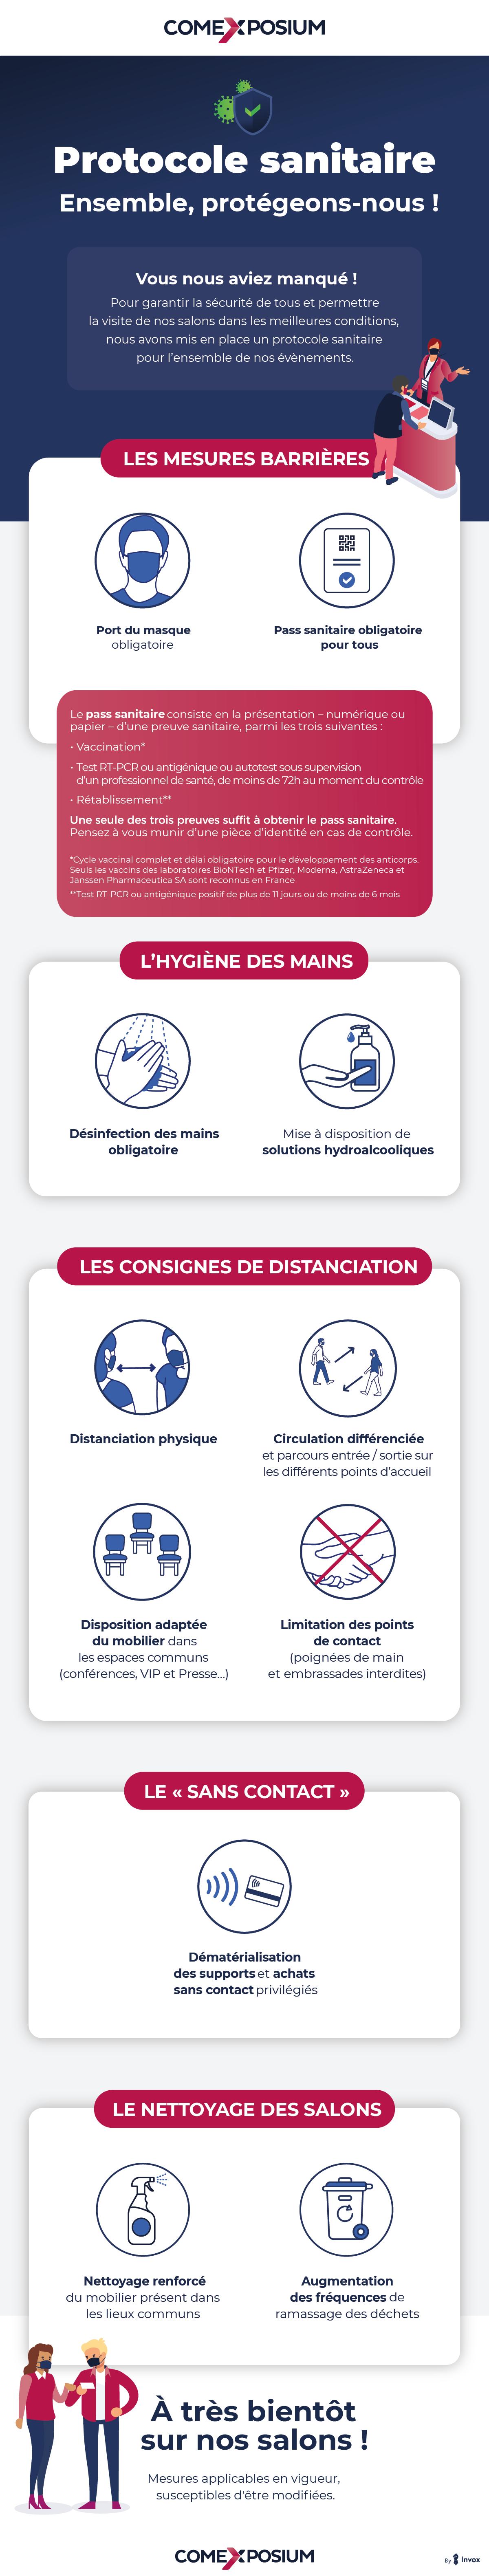 Infographie Protocole sanitaire visiteurs Milipol Paris